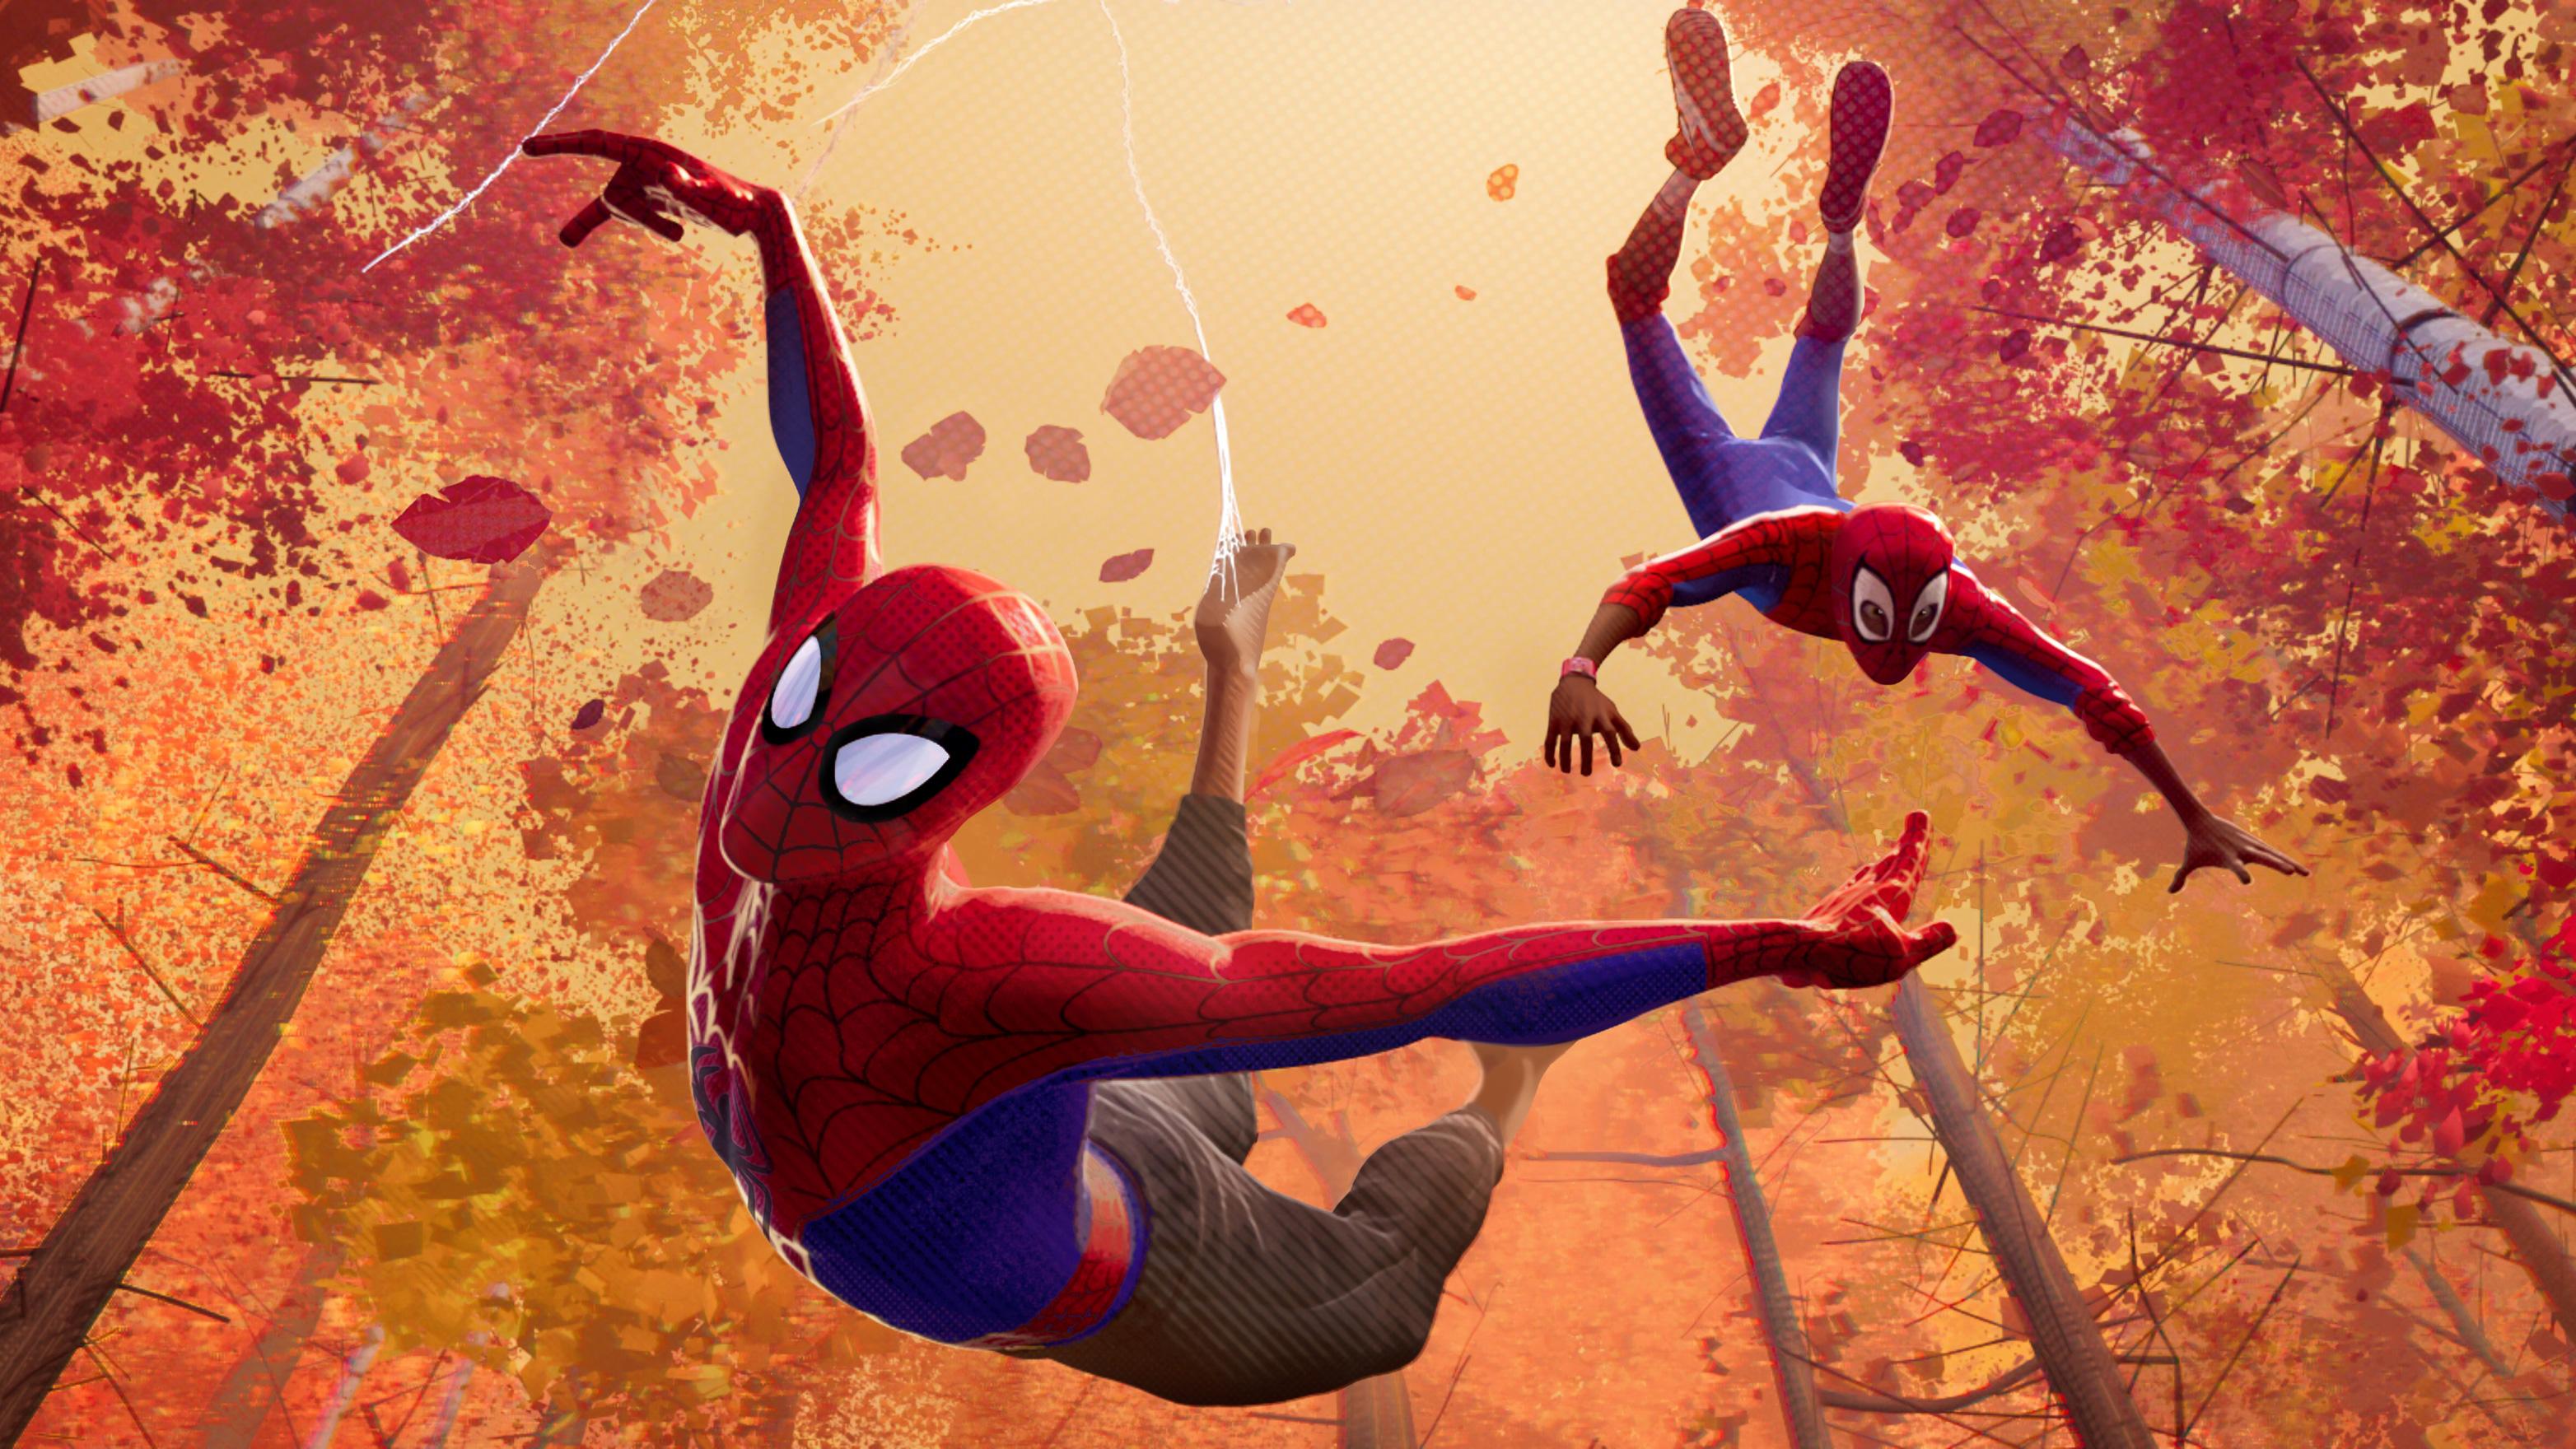 1366x768 SpiderMan Into The Spider Verse Movie 4k 1366x768